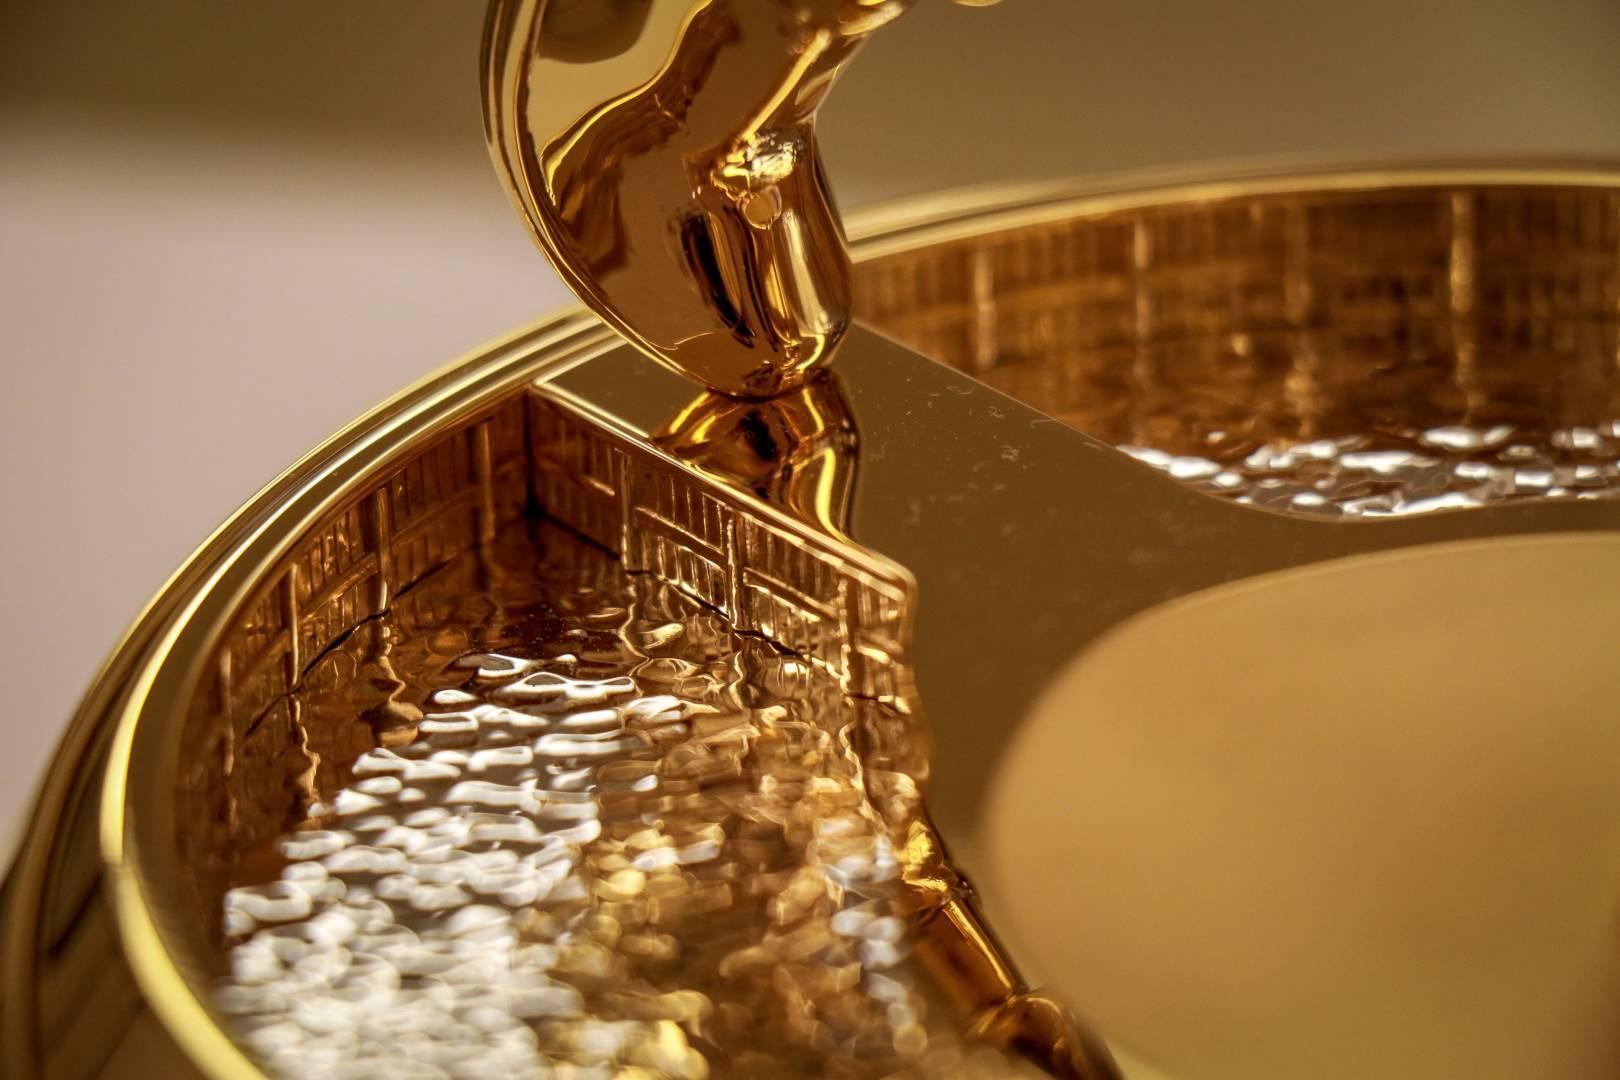 全新奖杯亮相球员锦标赛 46年历史呈现第四座冠军奖杯